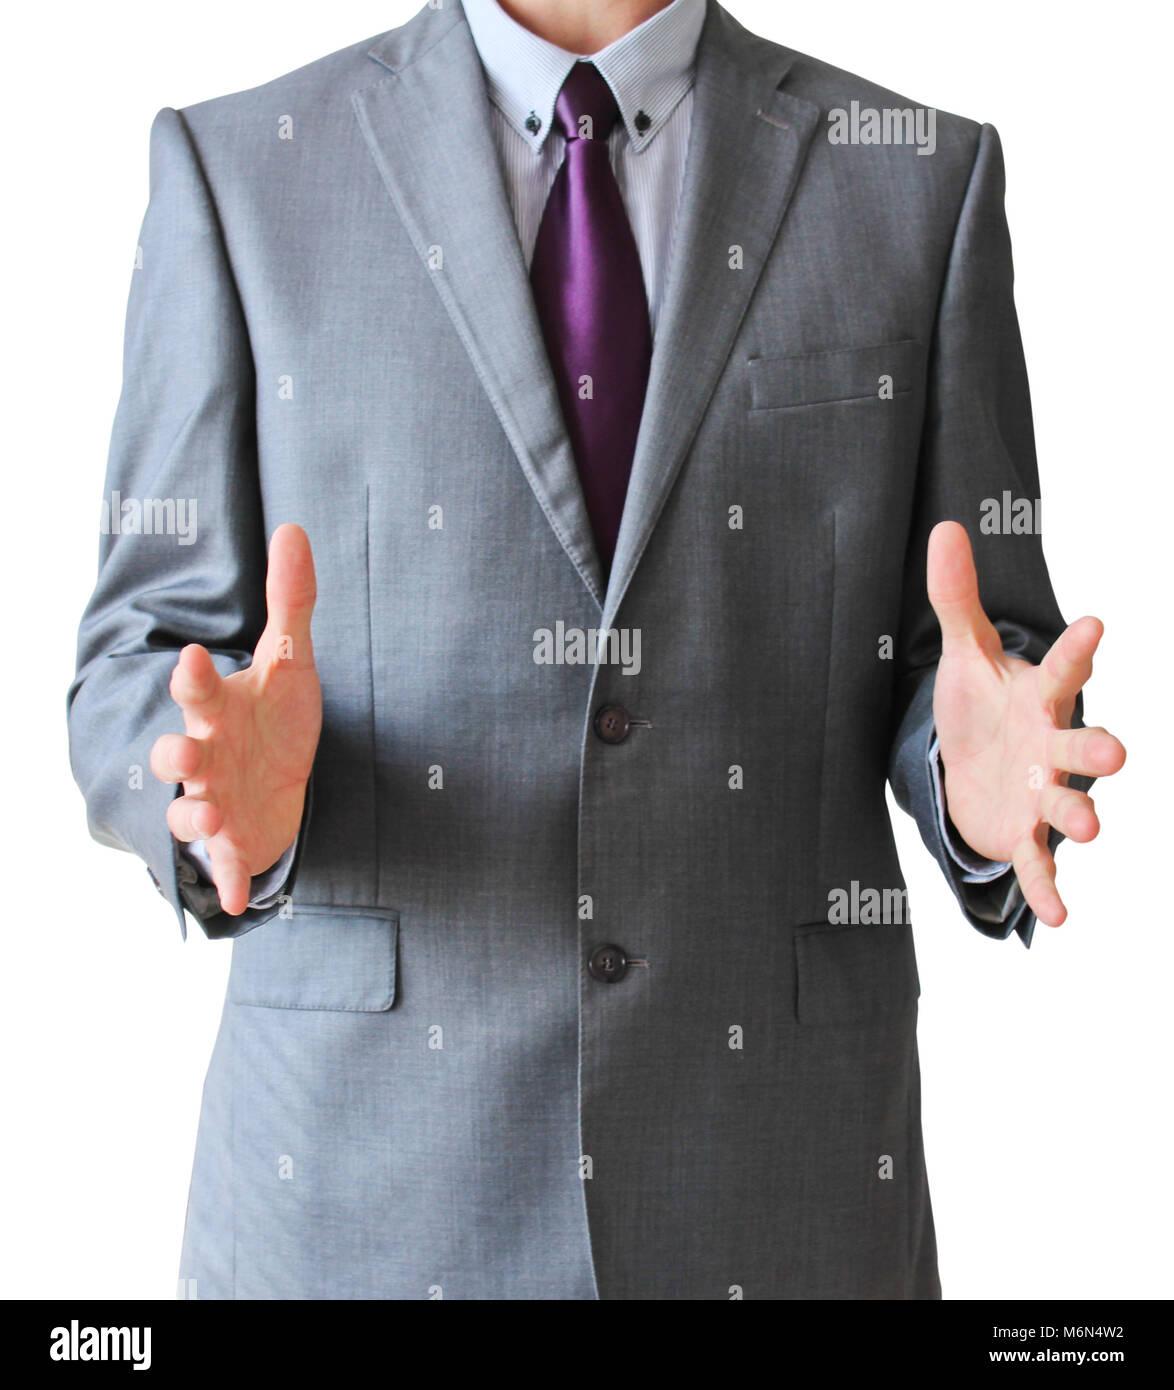 L'homme d'affaires avec de l'espace libre entre les mains, isolé sur fond blanc Banque D'Images